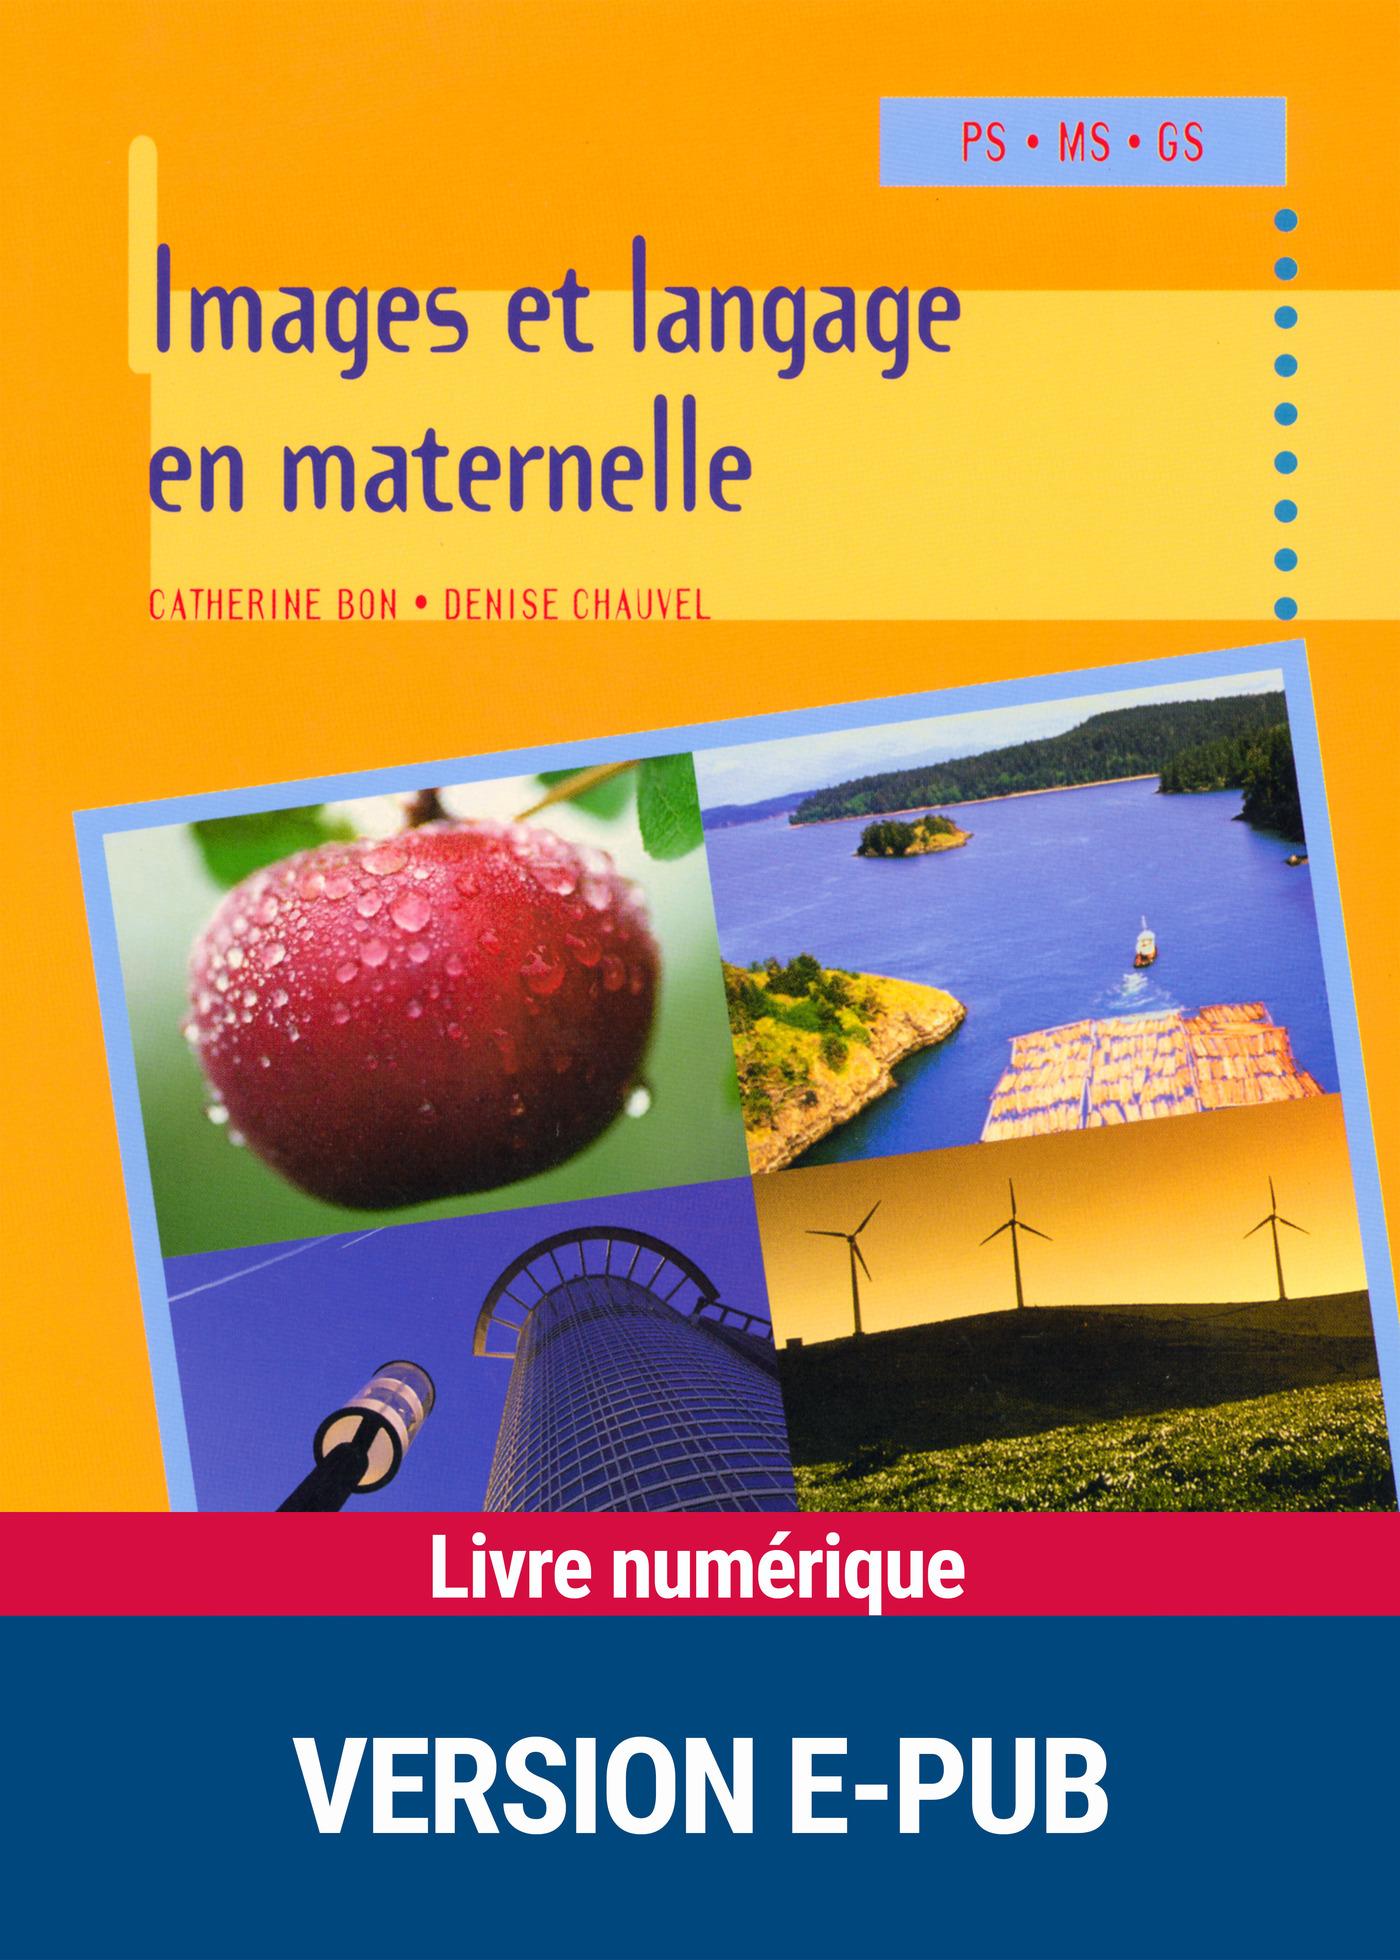 Images et langage en maternelle (ebook)